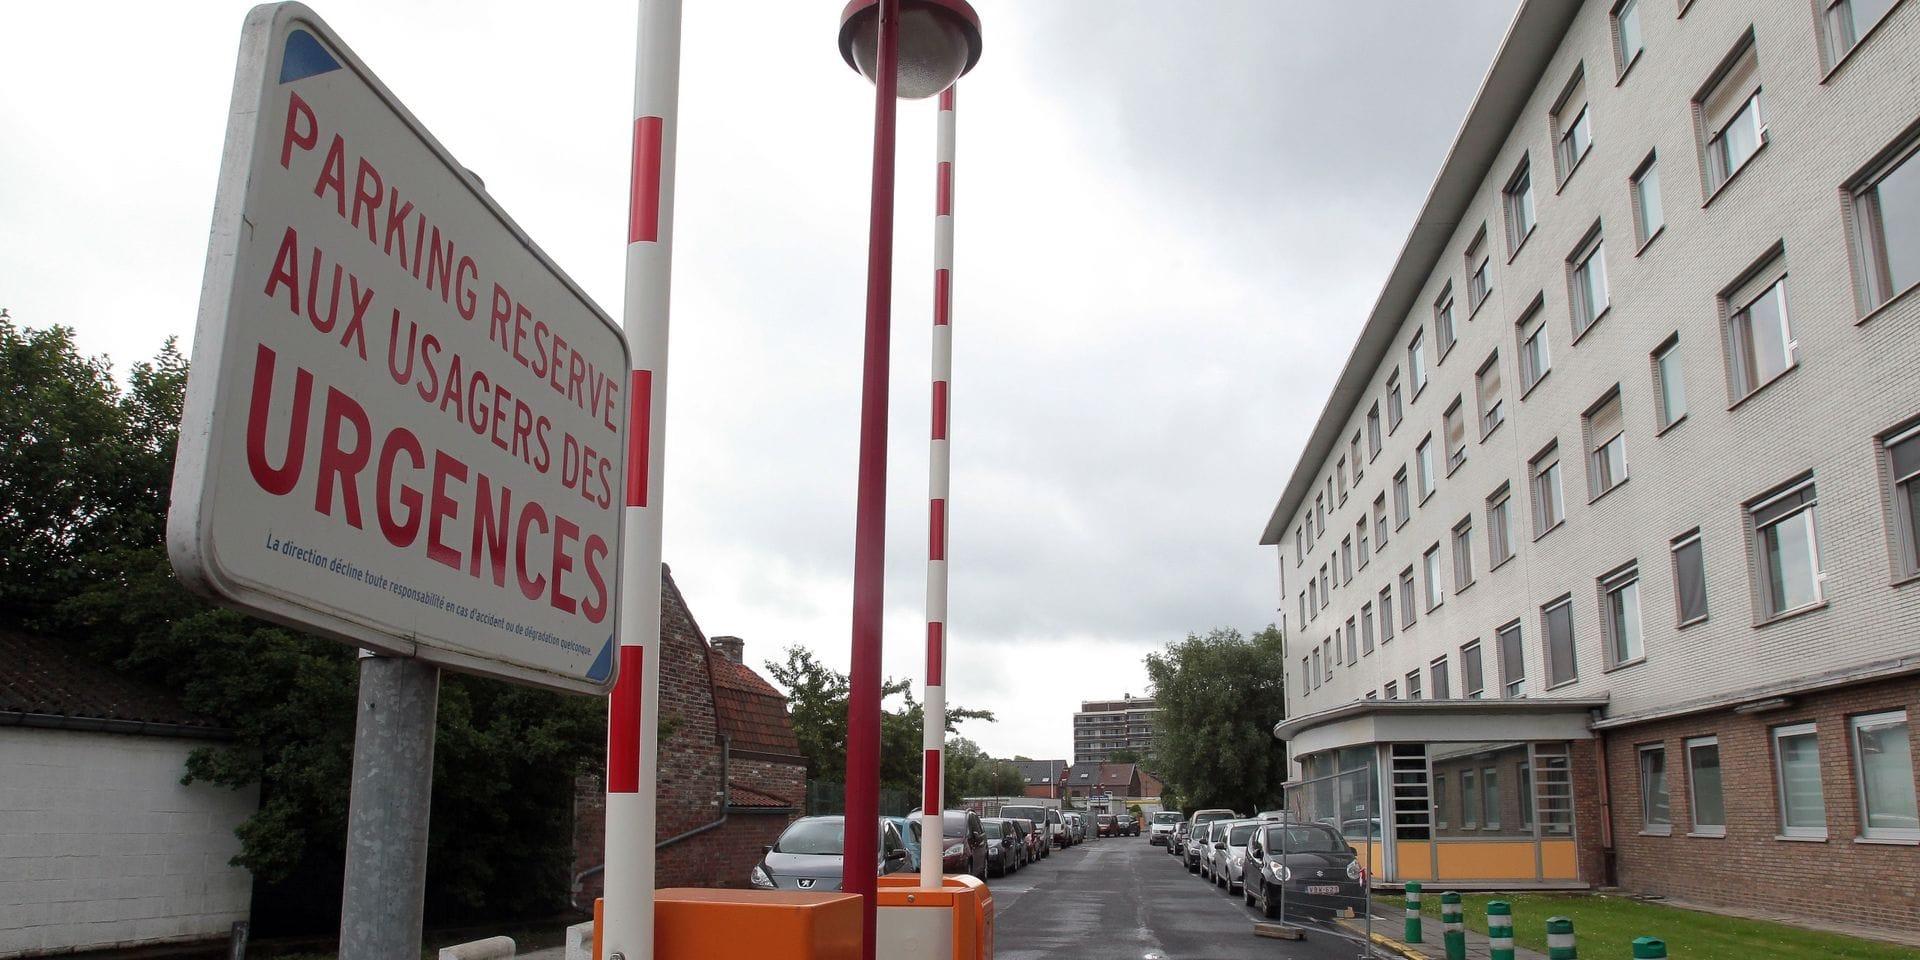 Pic de Covid-19 dans les prochains jours: les hôpitaux de Mons-Borinage prêts à faire face